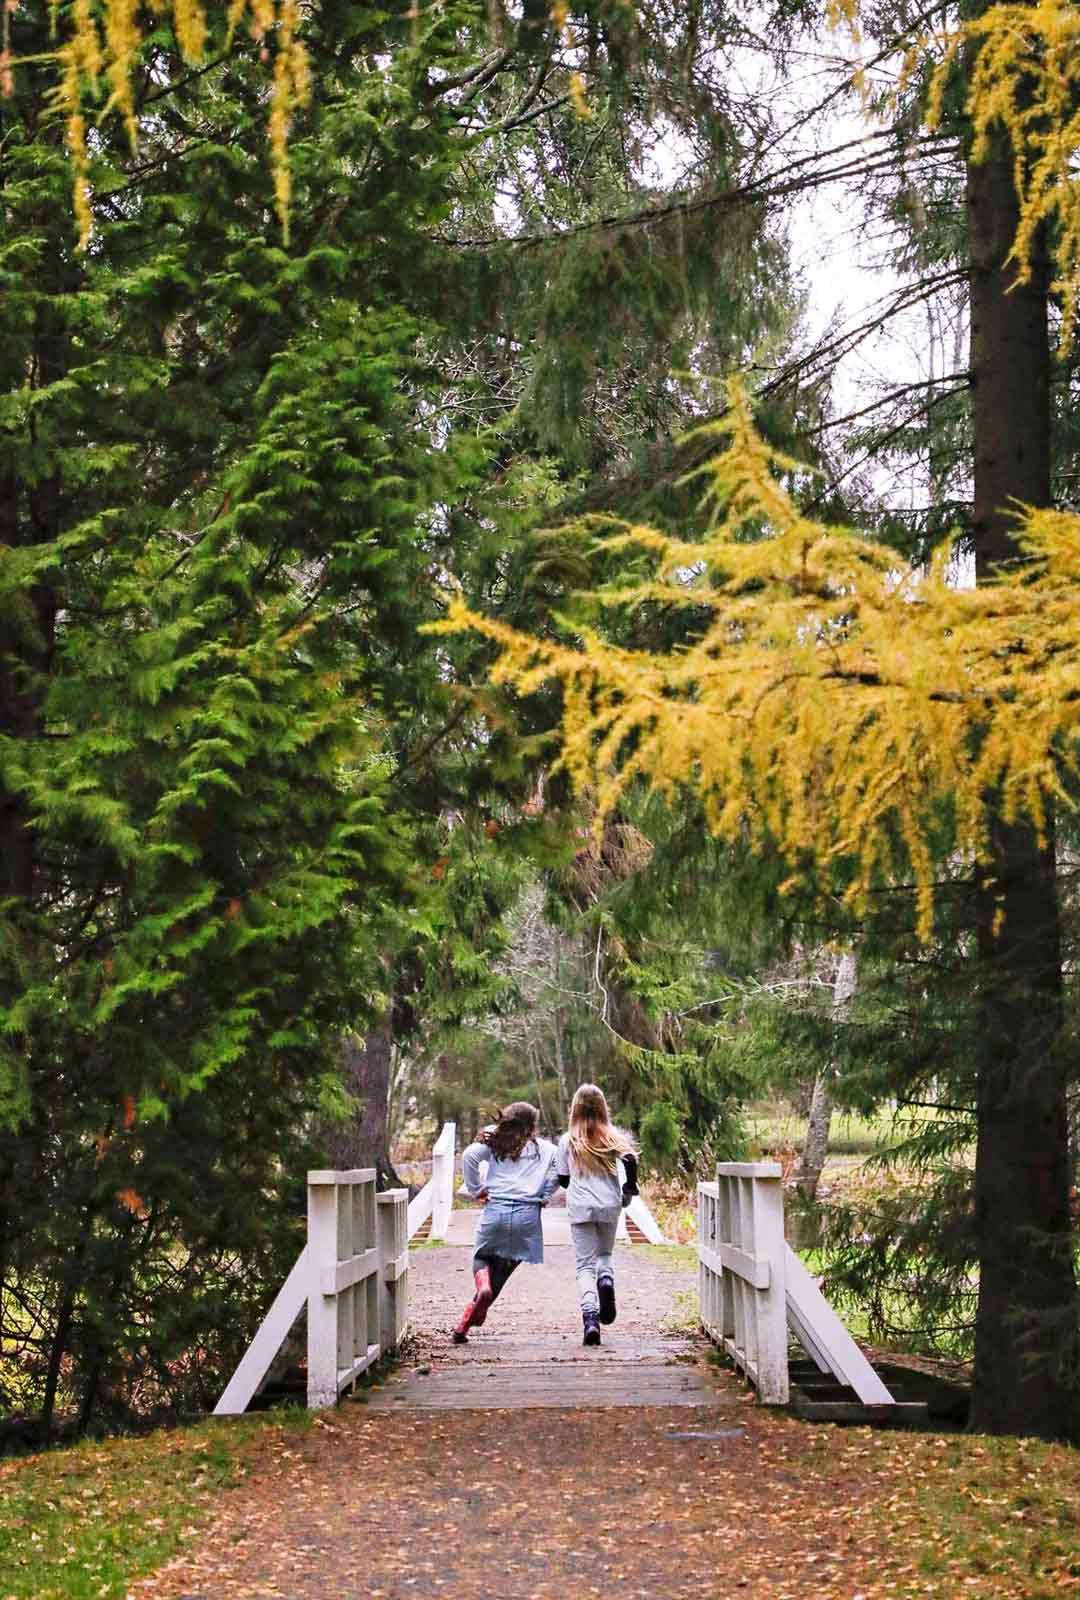 Hupisaarten kaupunginpuistossa on kaunista myös rospuuttoaikaan, sillä monet valkeat sillat ja jokisuisto patoineen ovat upeita kelillä kuin kelillä.